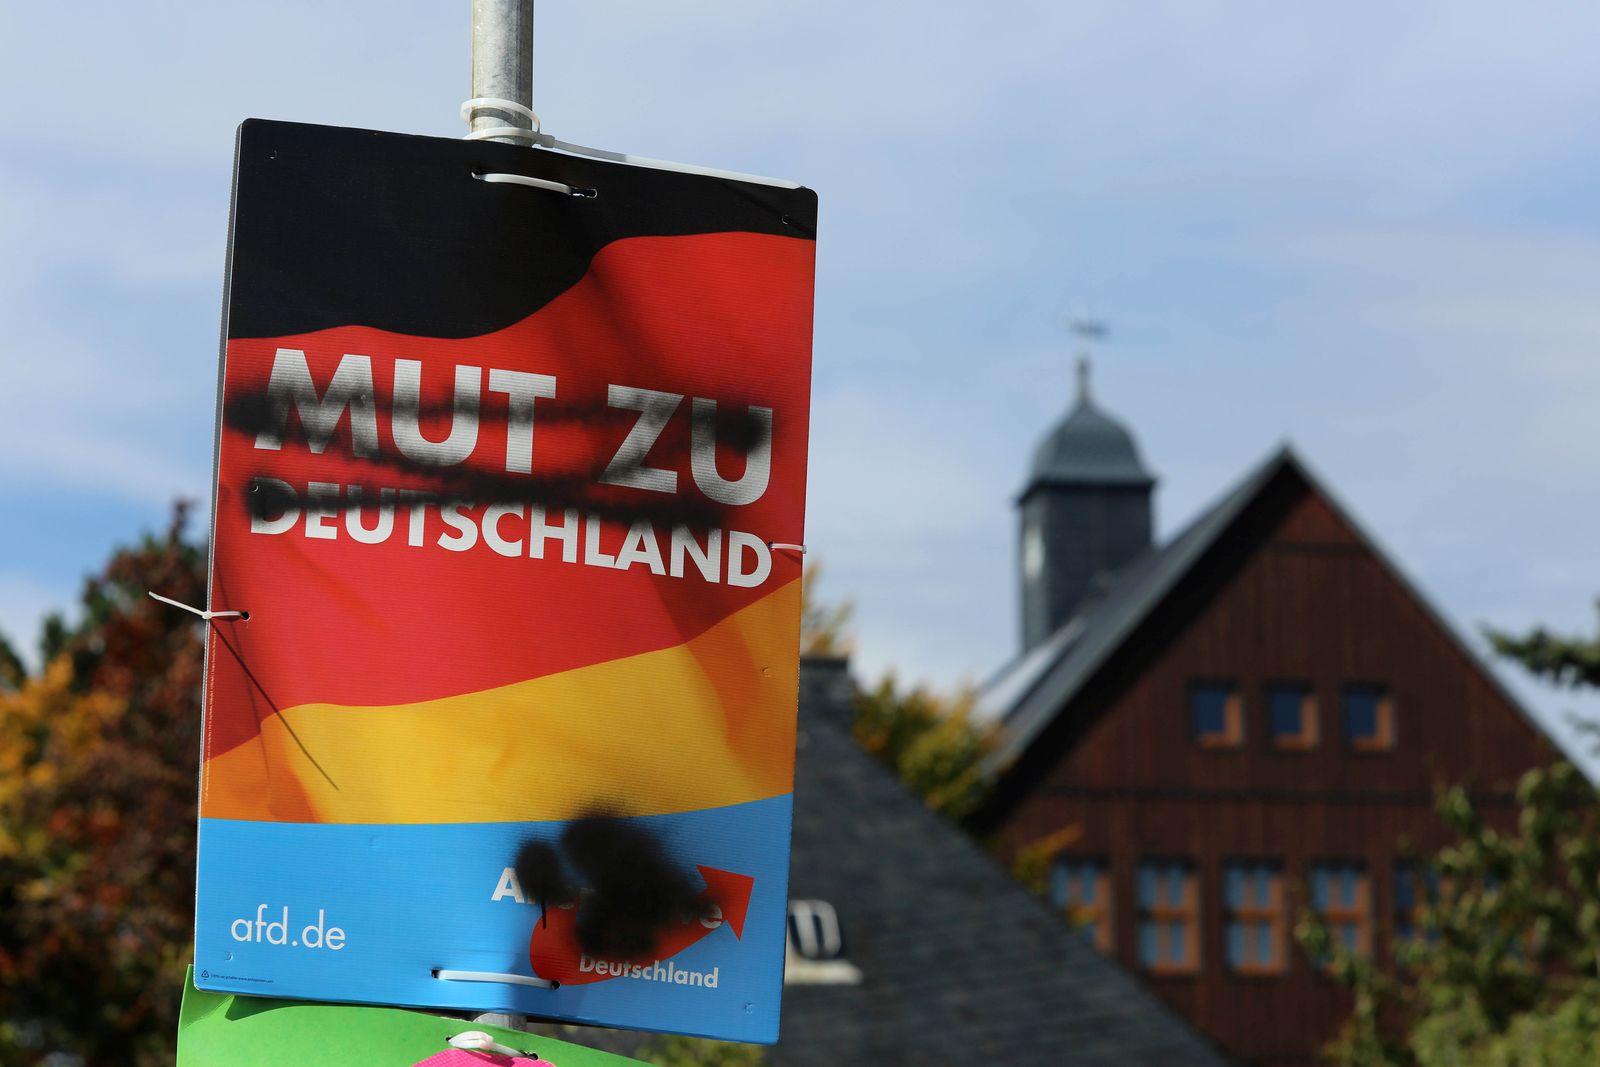 AfD-Wahlplakat / Altenberg